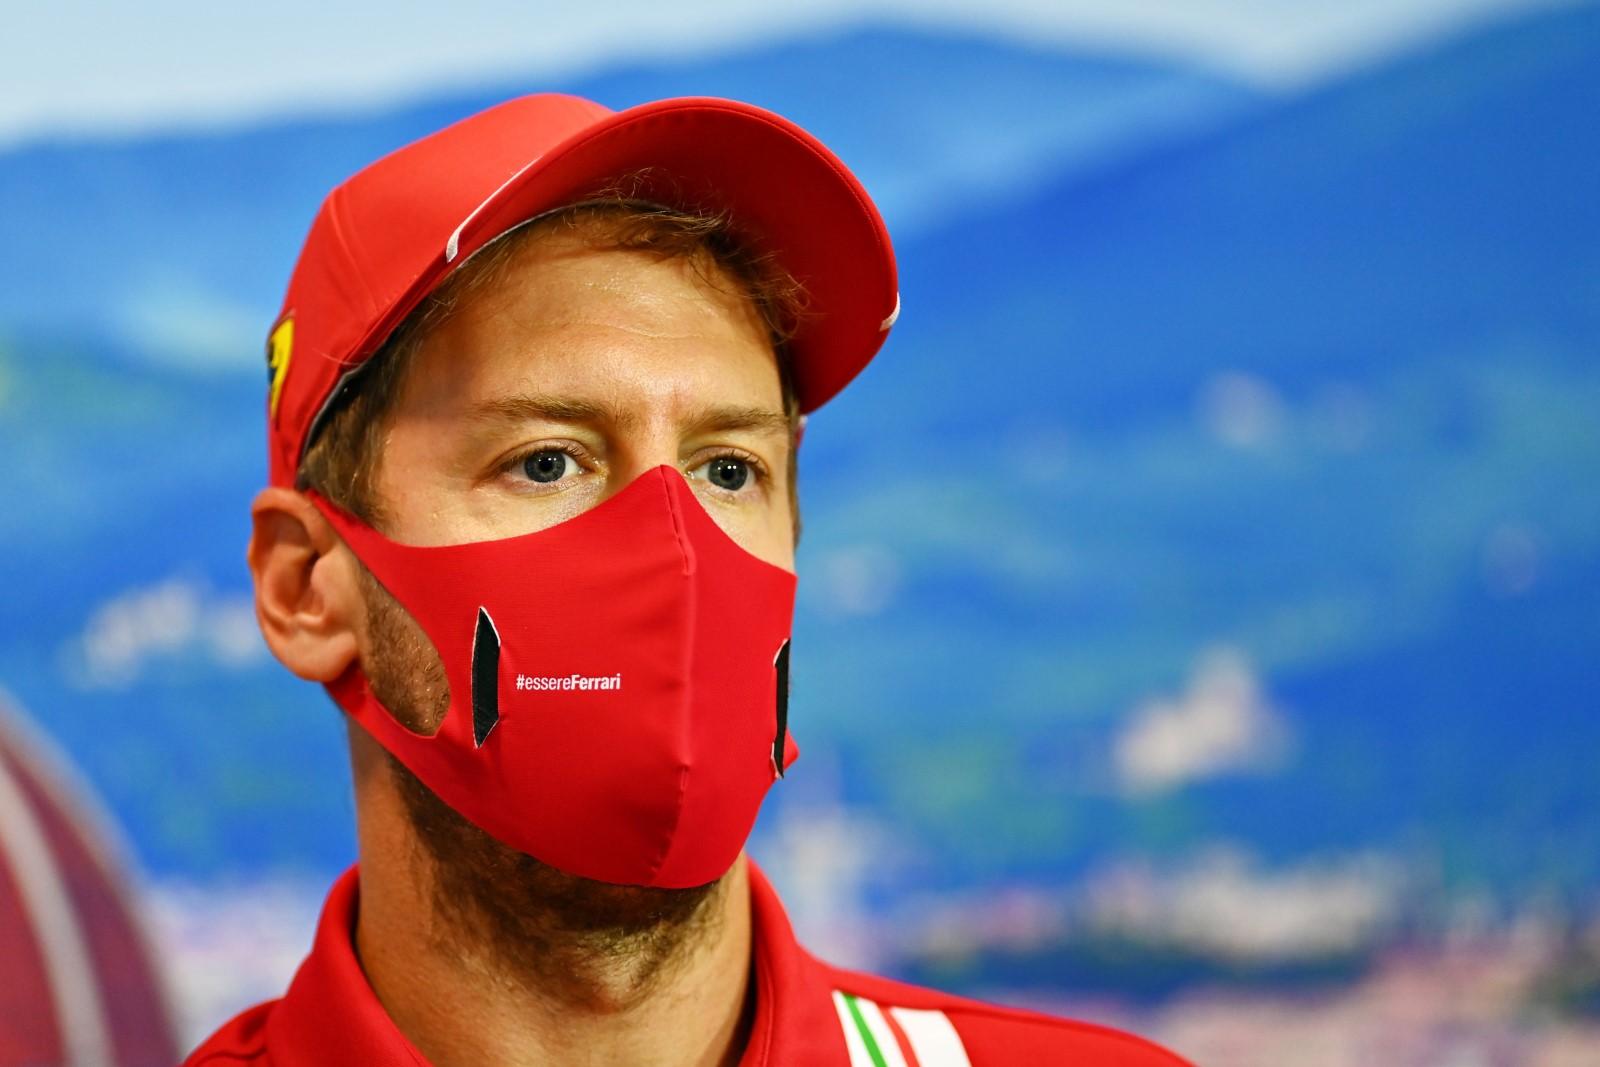 Sebastian Vettel to join Aston Martin F1 team from 2021